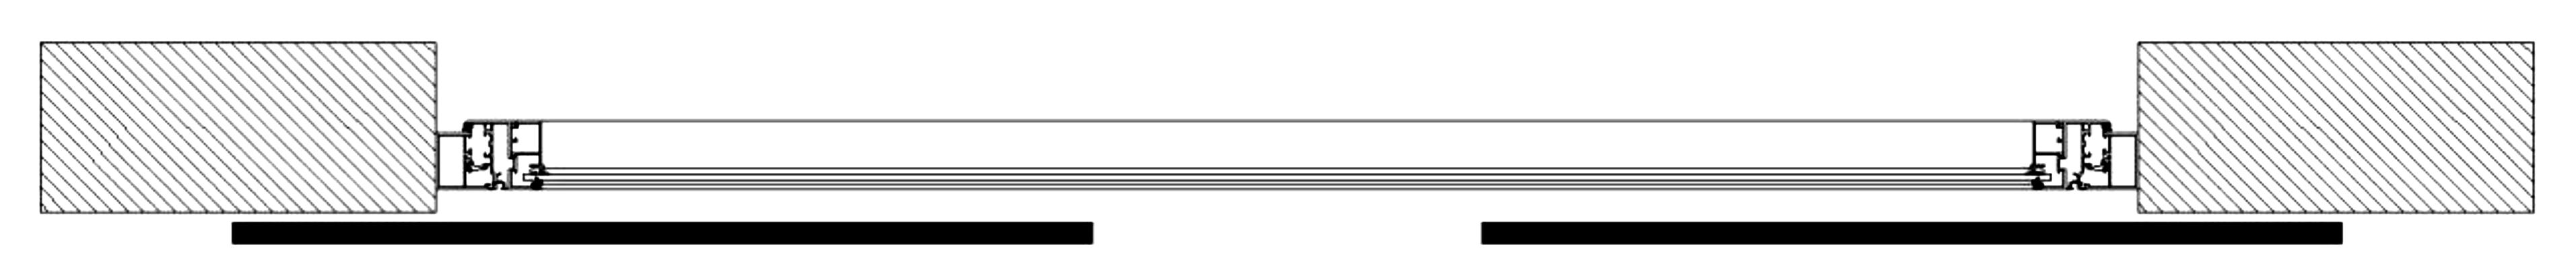 Sliding Shutters Division Diagram 2l1l1r